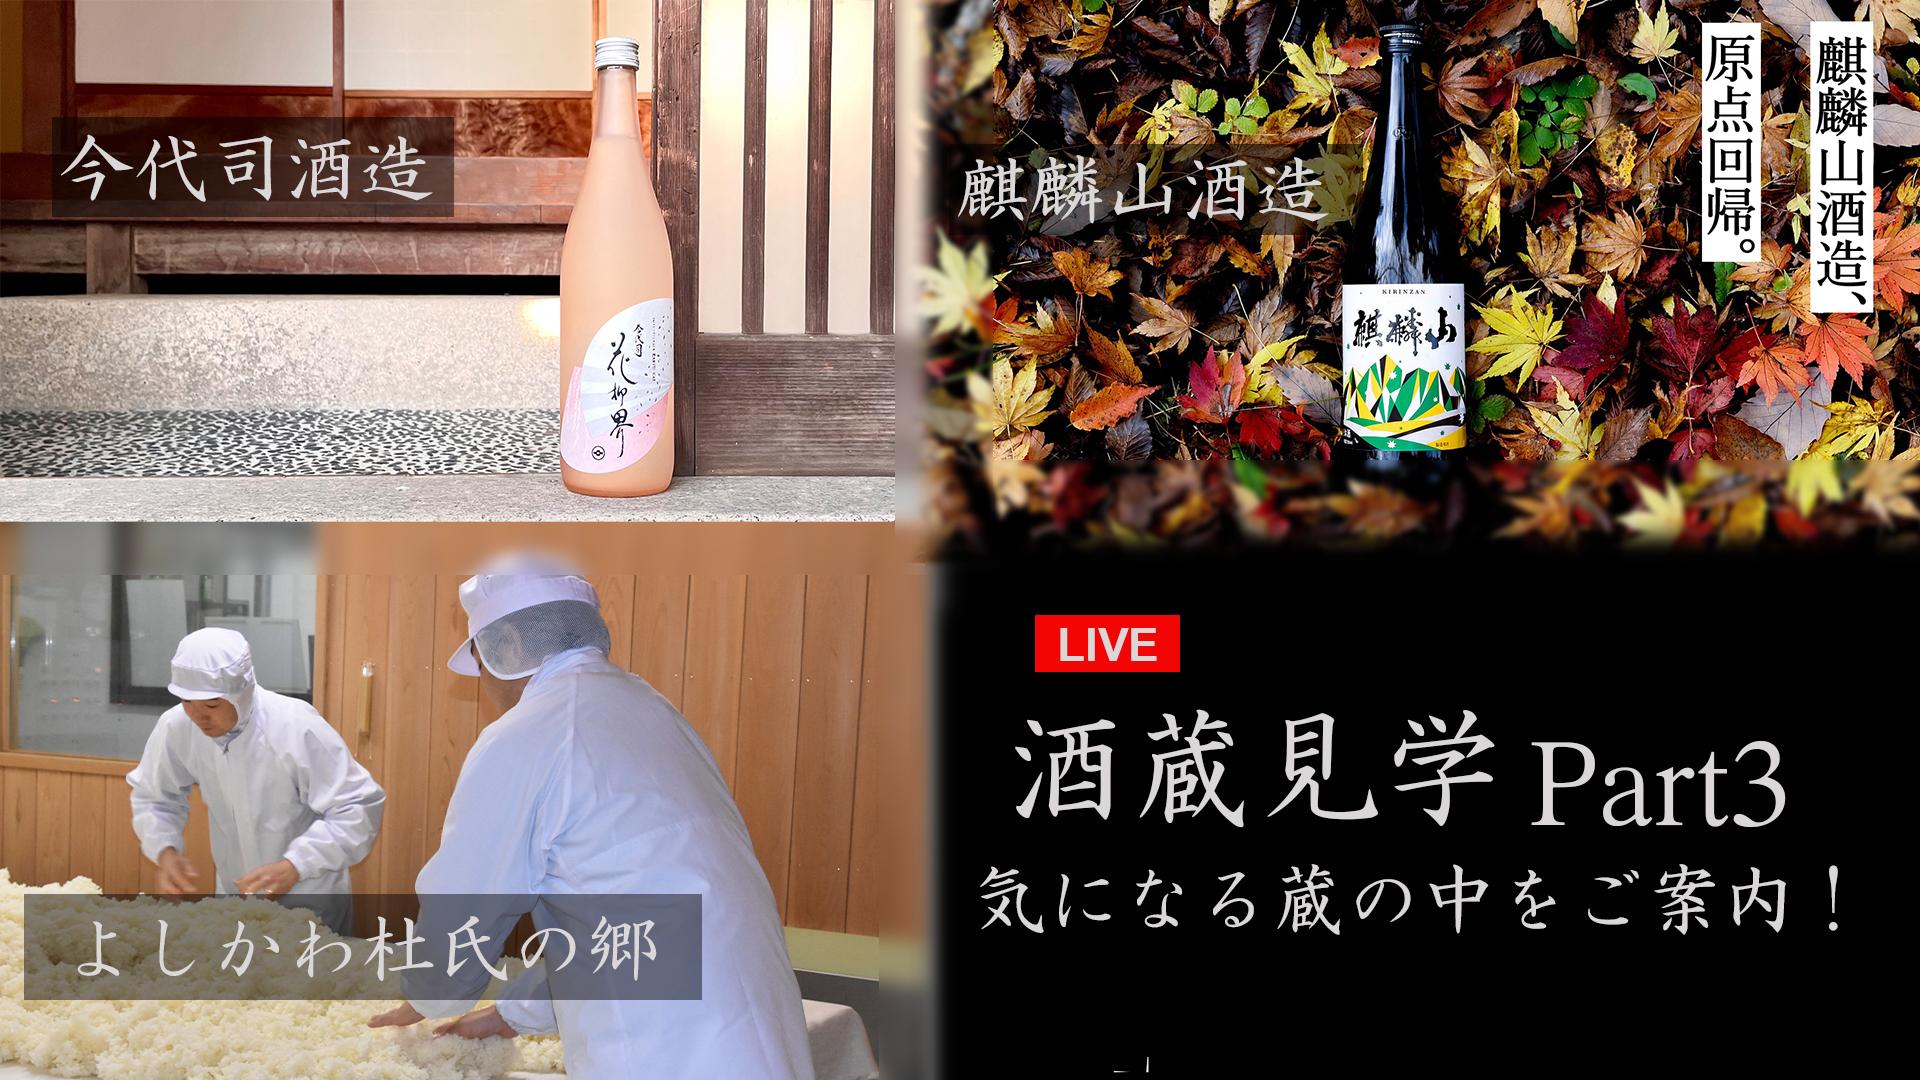 【酒蔵見学Part3】今代司酒造、よしかわ杜氏の郷、麒麟山酒造 気になる蔵の中をご案内! サムネイル